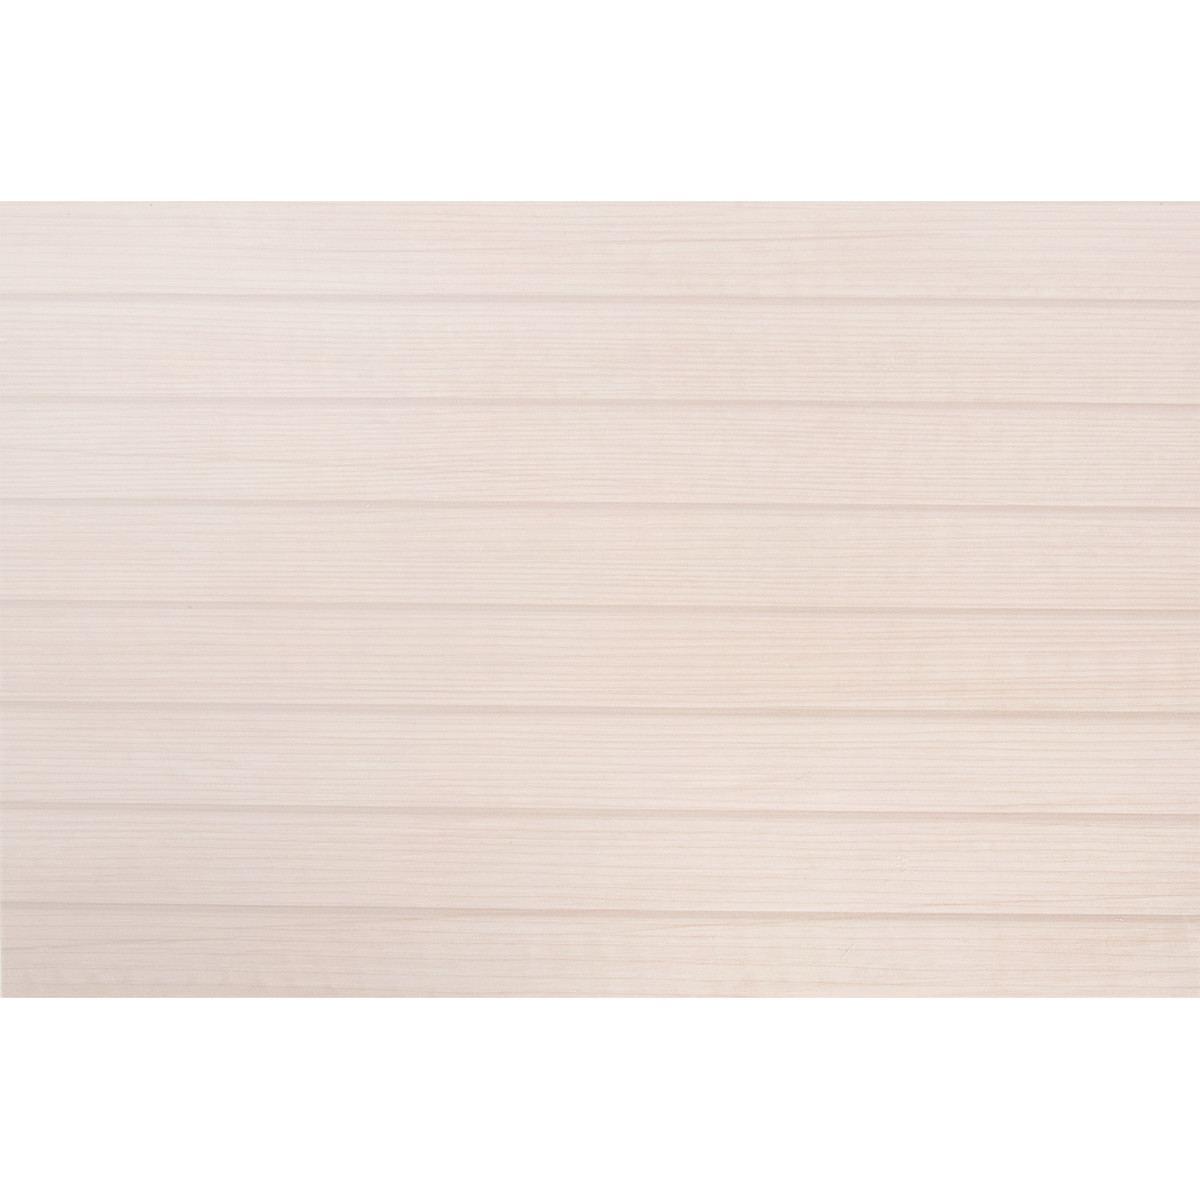 Плитка настенная Sakura рельефная 30x45 см 1.35 м² цвет бежевый